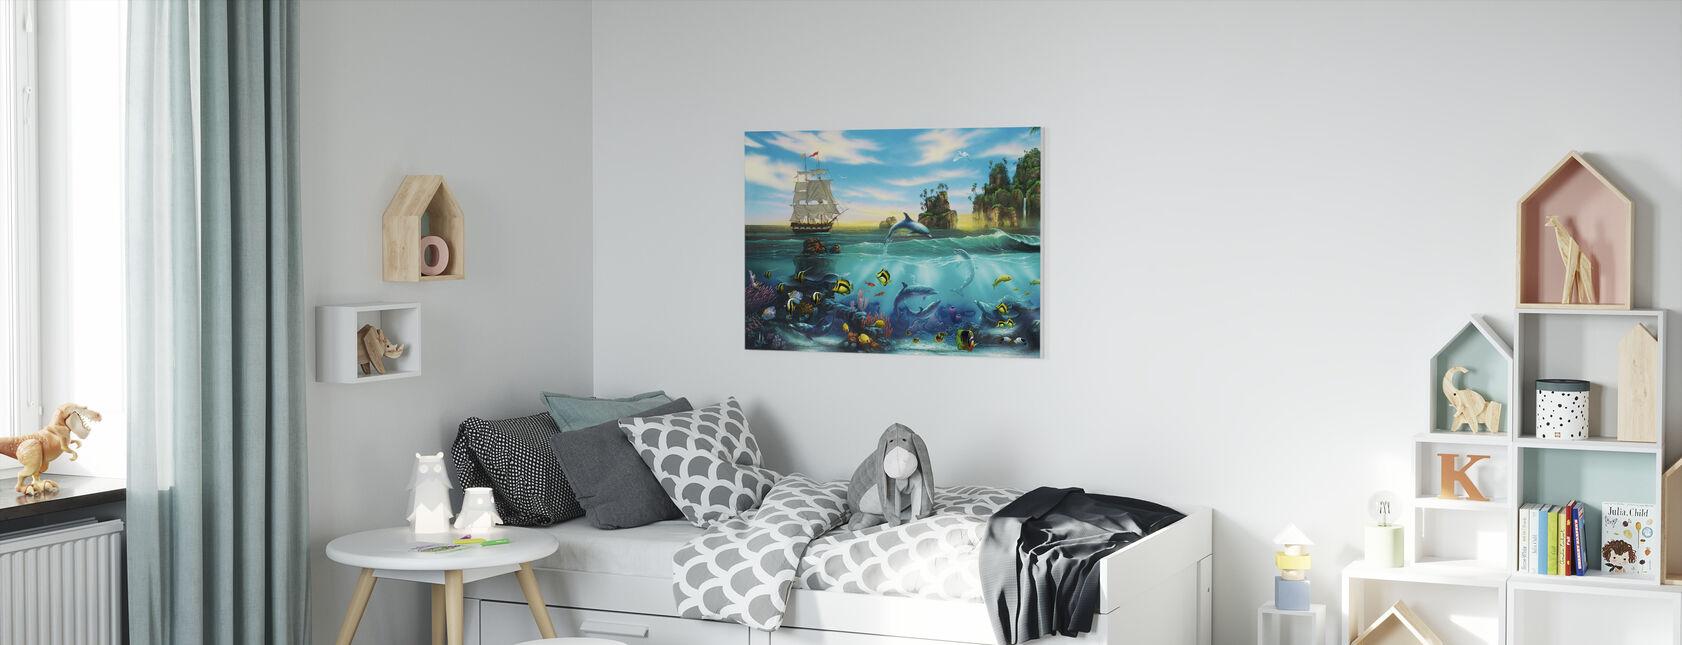 Paradise Gevonden - Canvas print - Kinderkamer